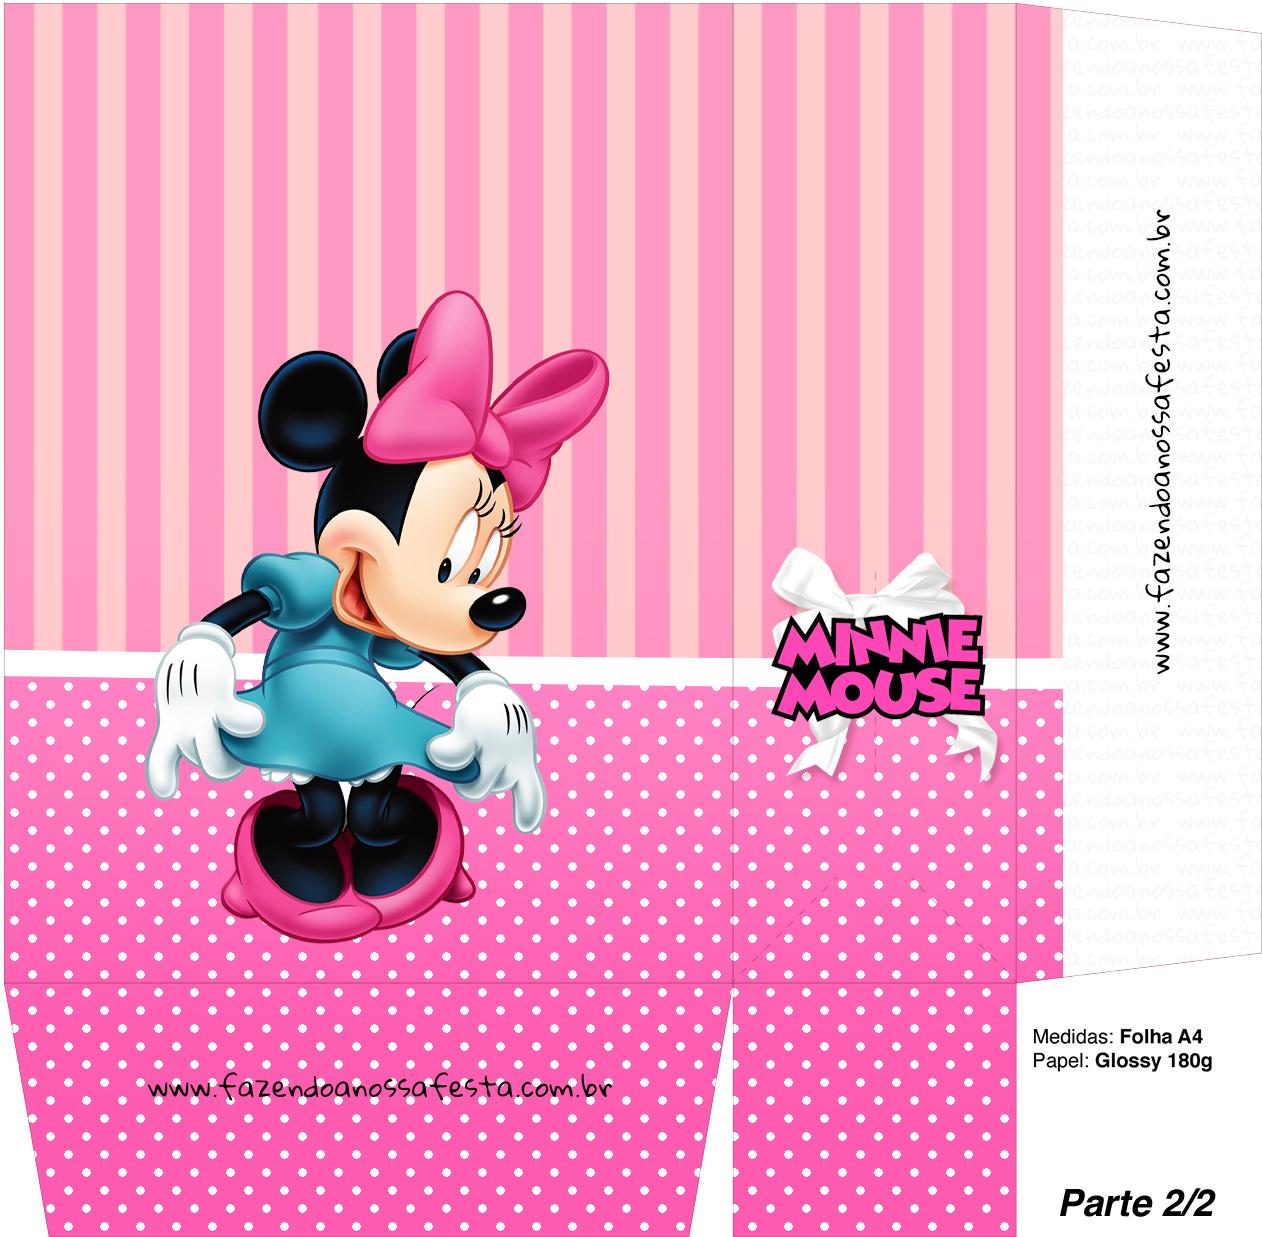 Sacolinha Surpresa Minnie Mouse - A4 Parte 2